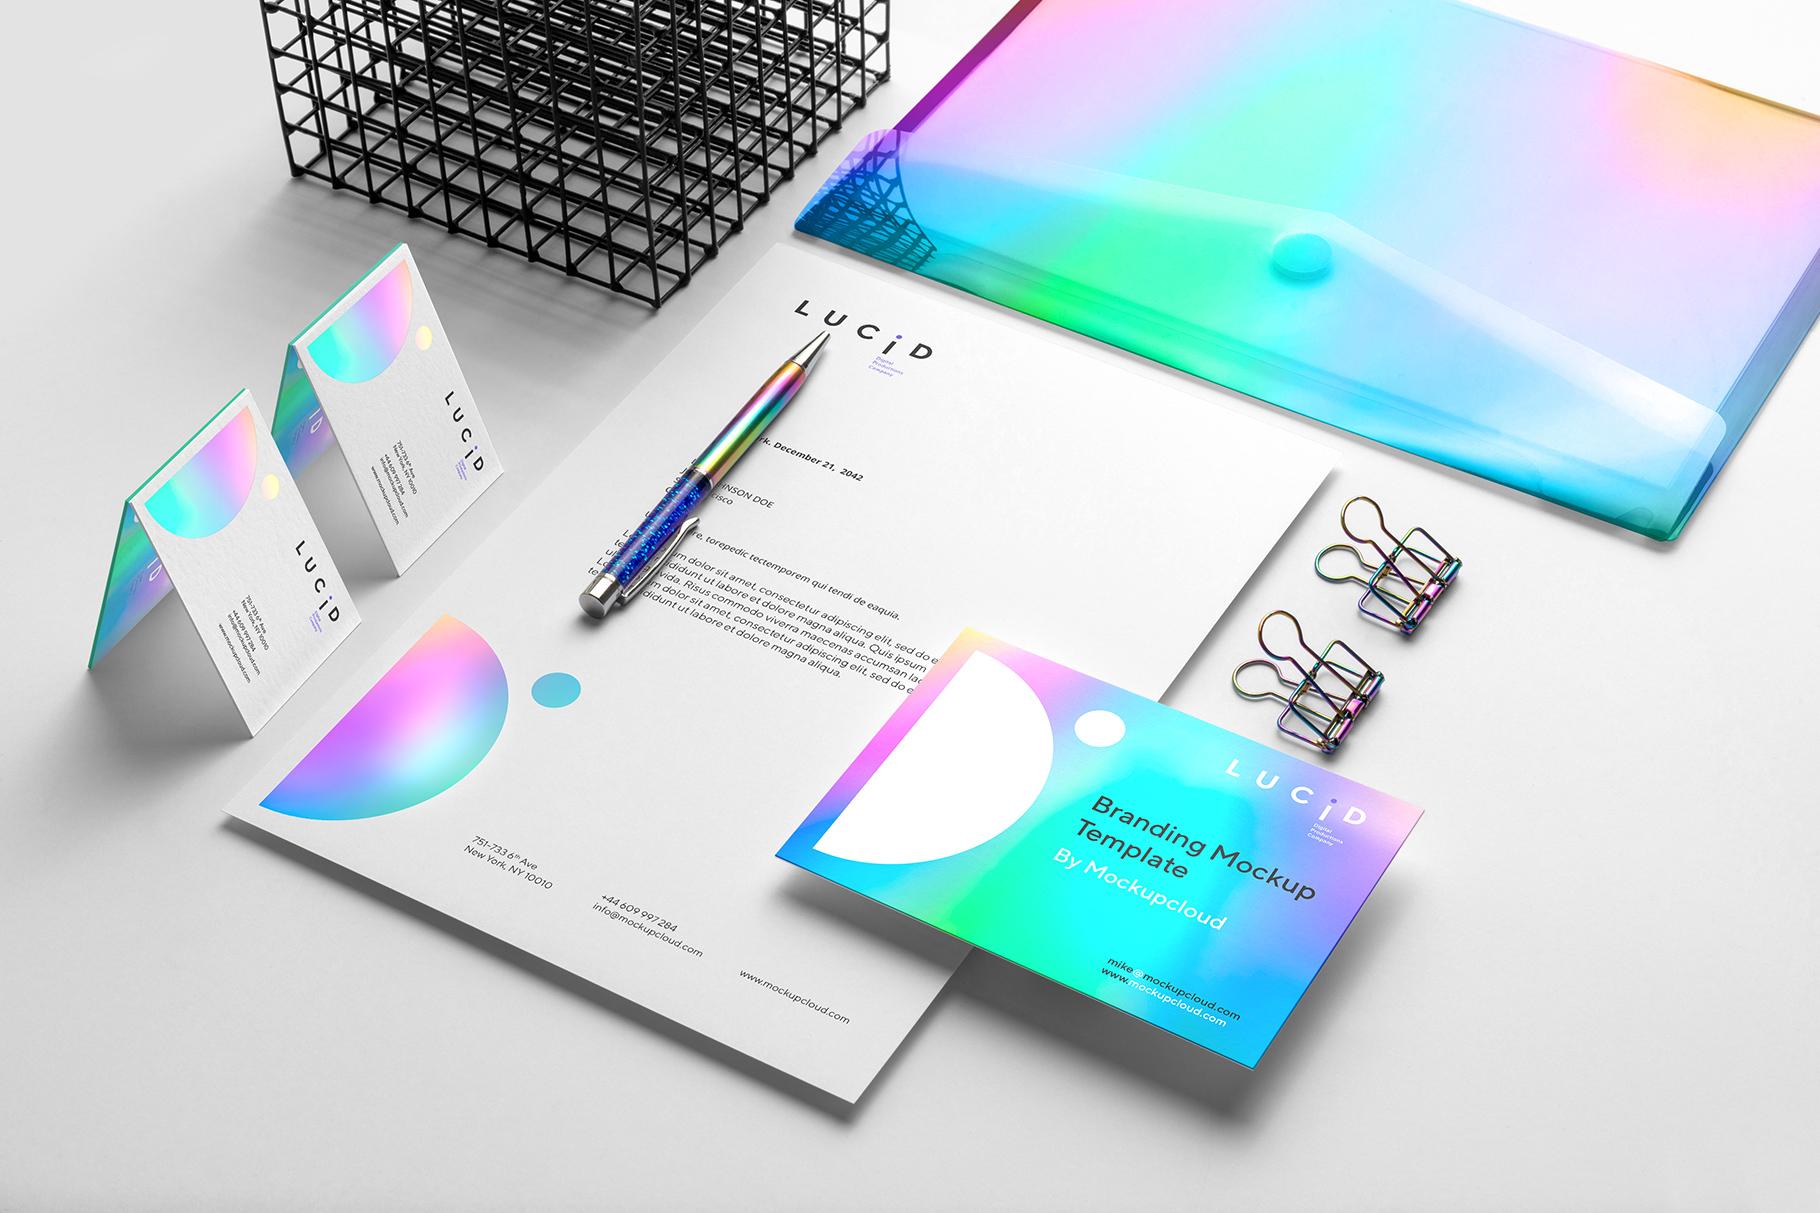 10 lucid branding mockup